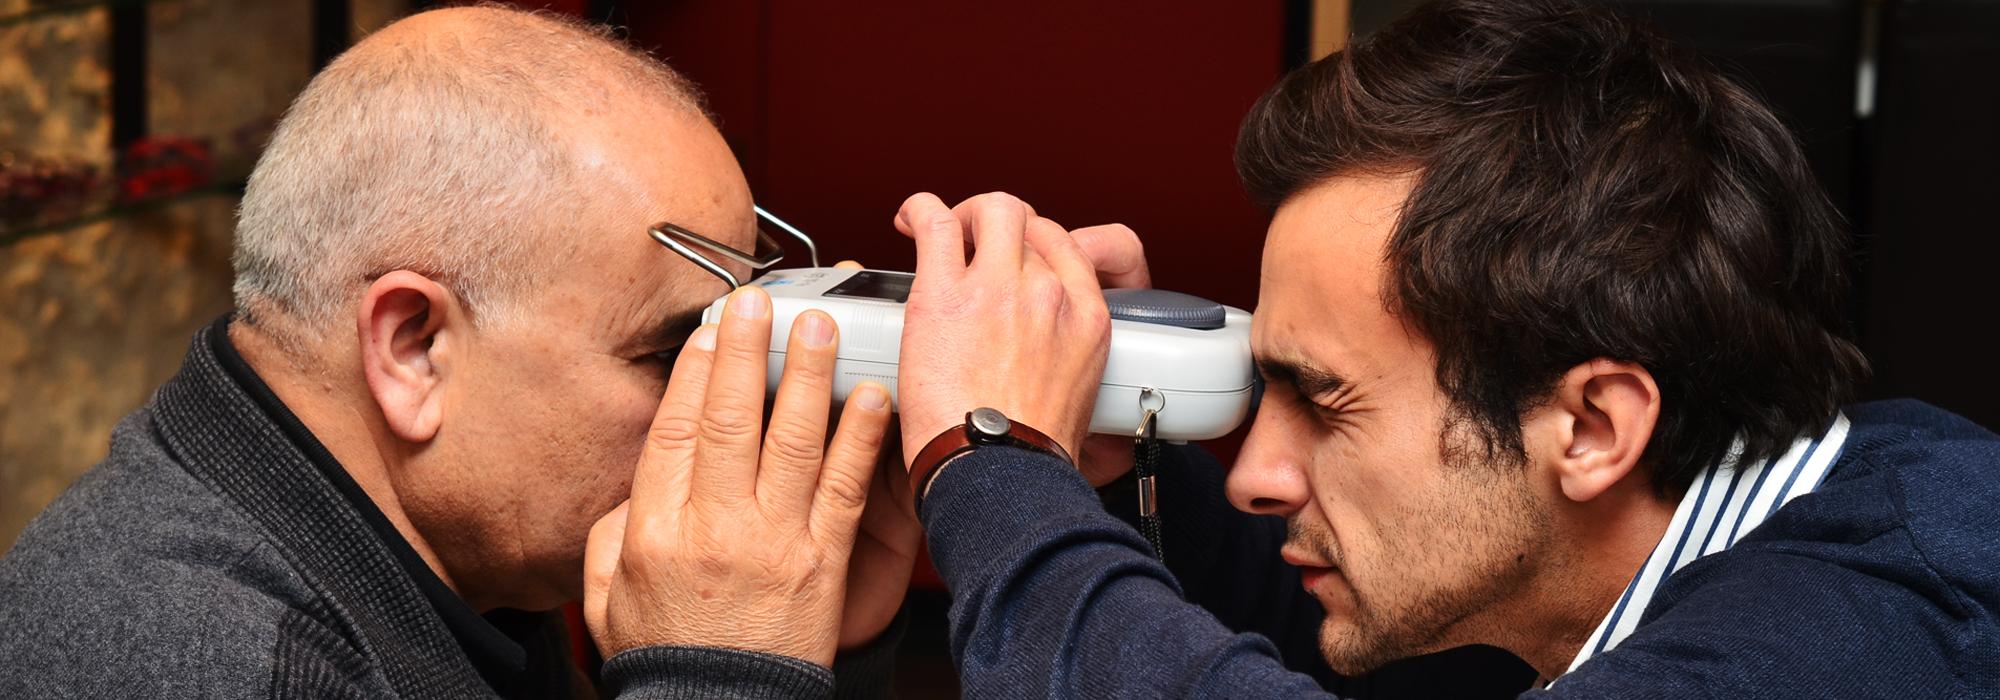 Opticien Paris La Belle Vue - Services